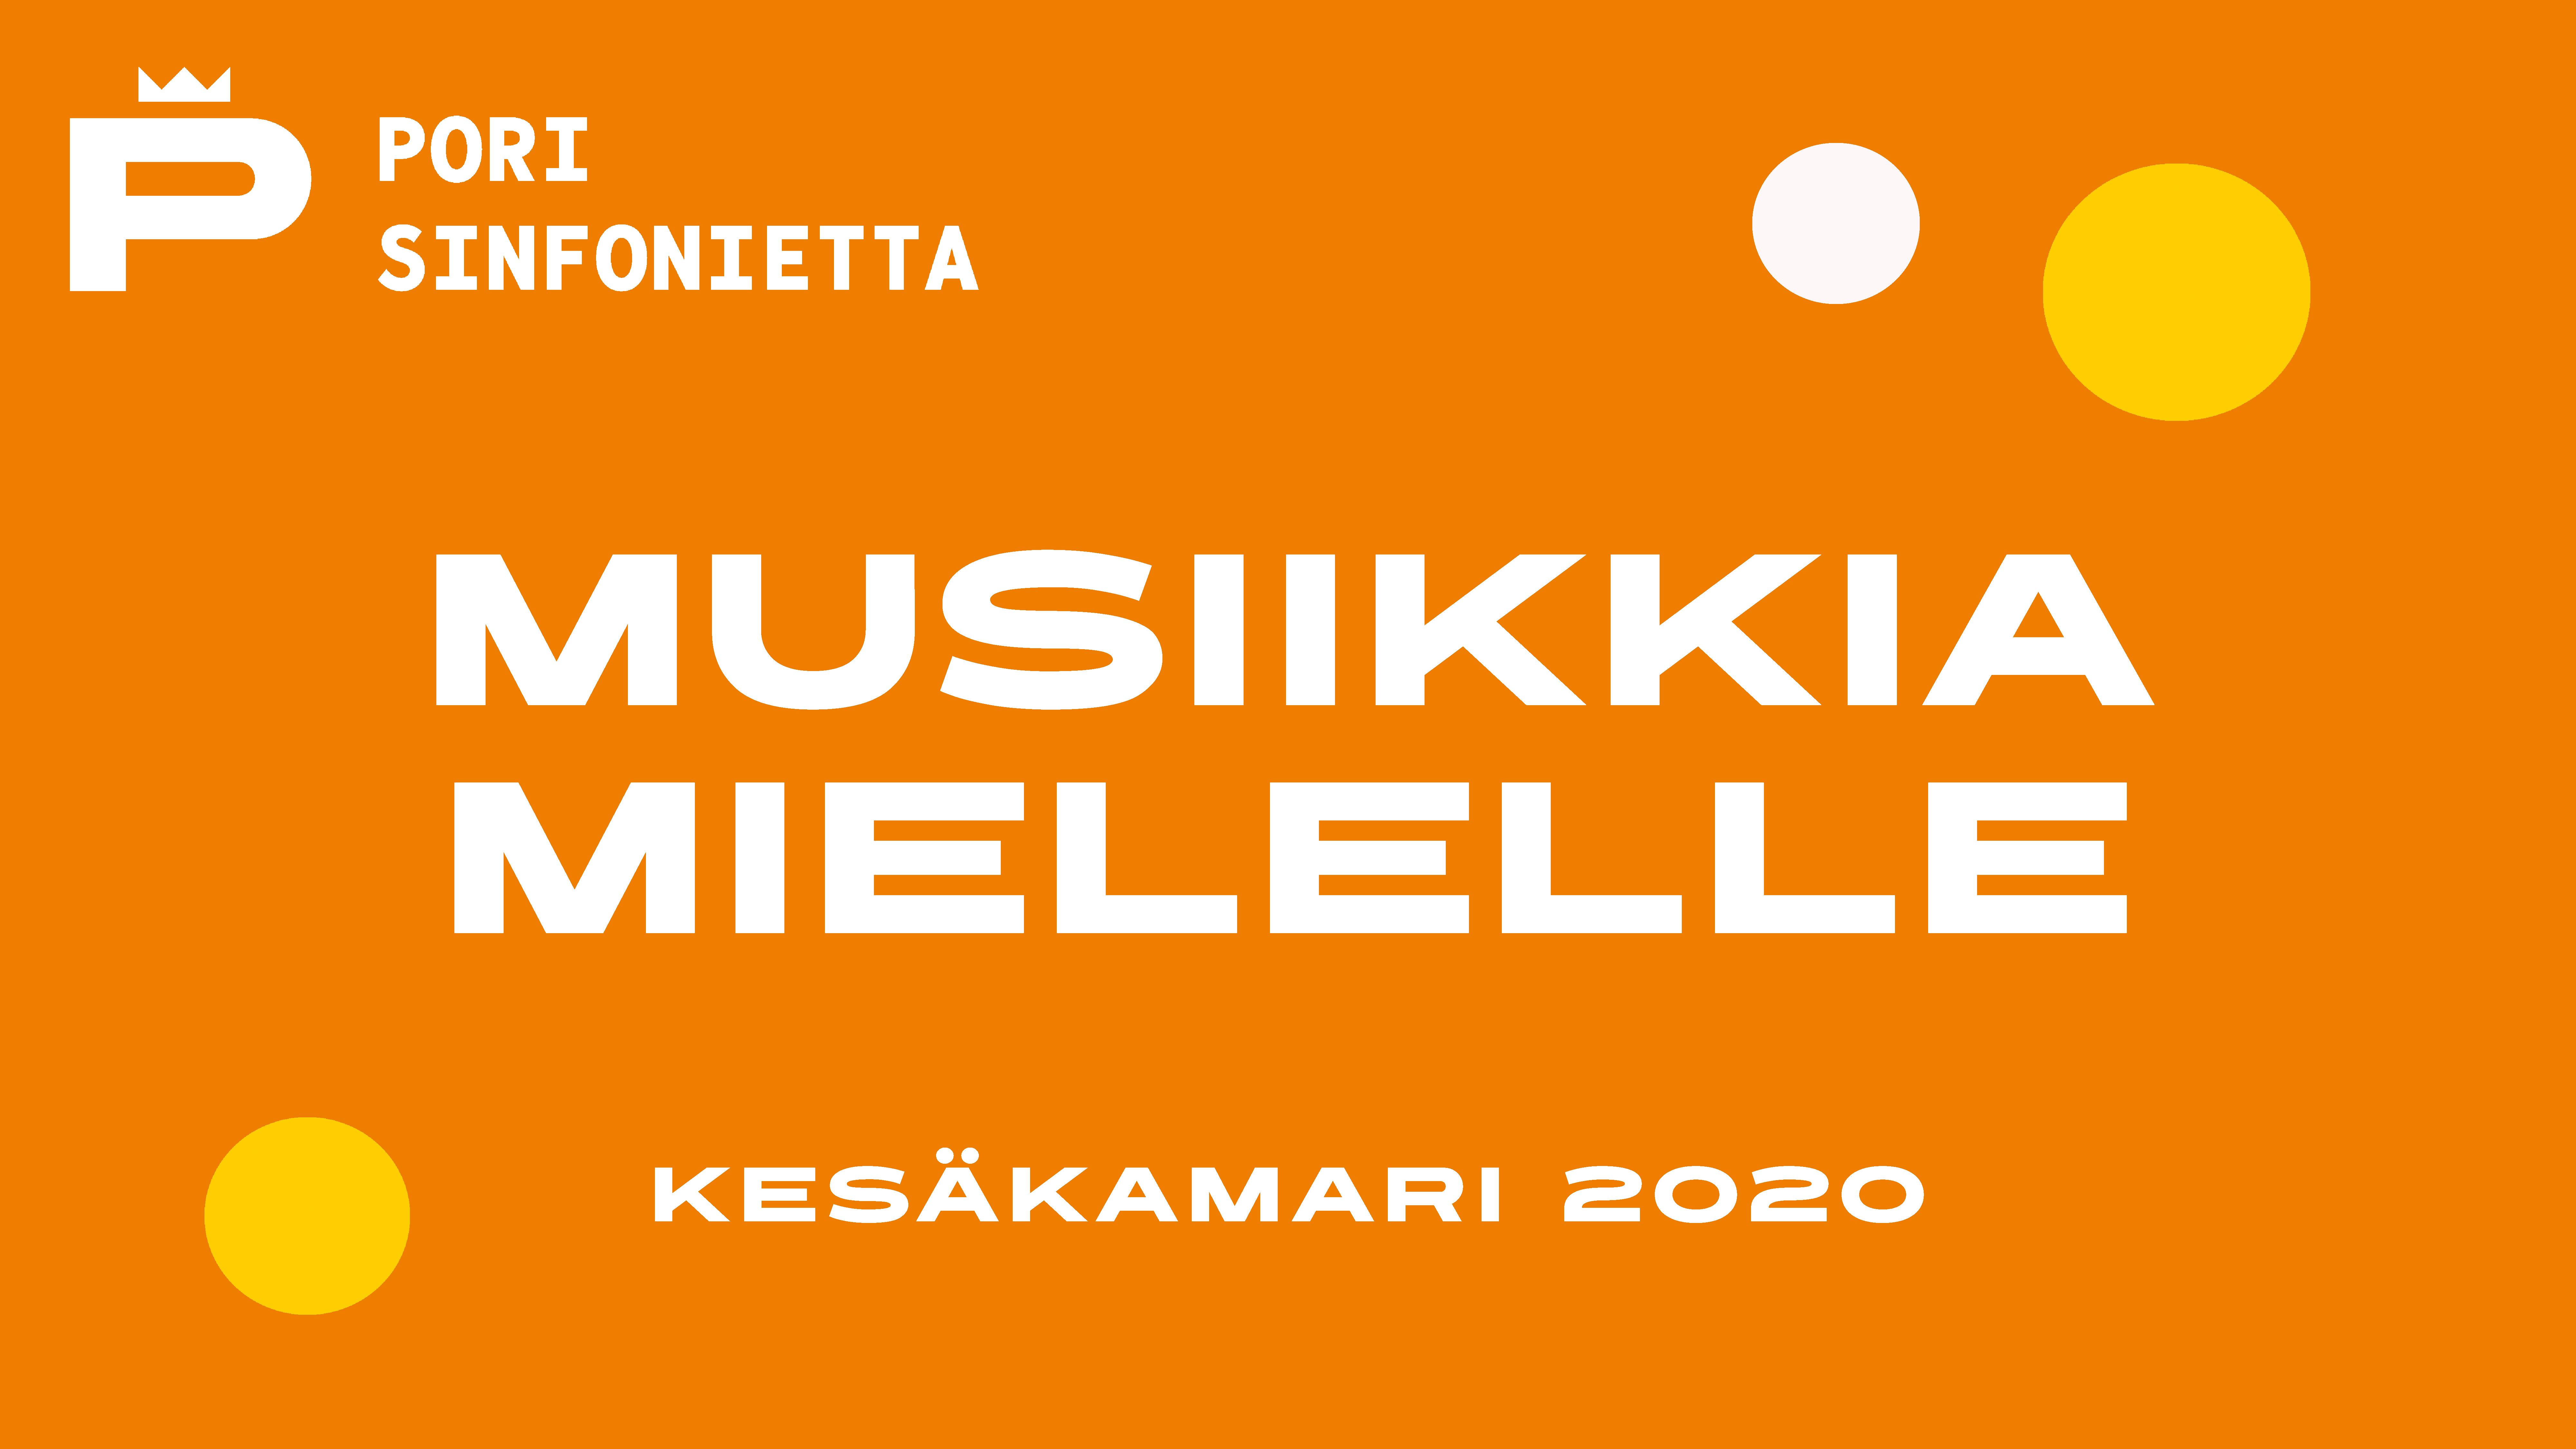 Kesäkamari 2020: Musiikkia mielelle